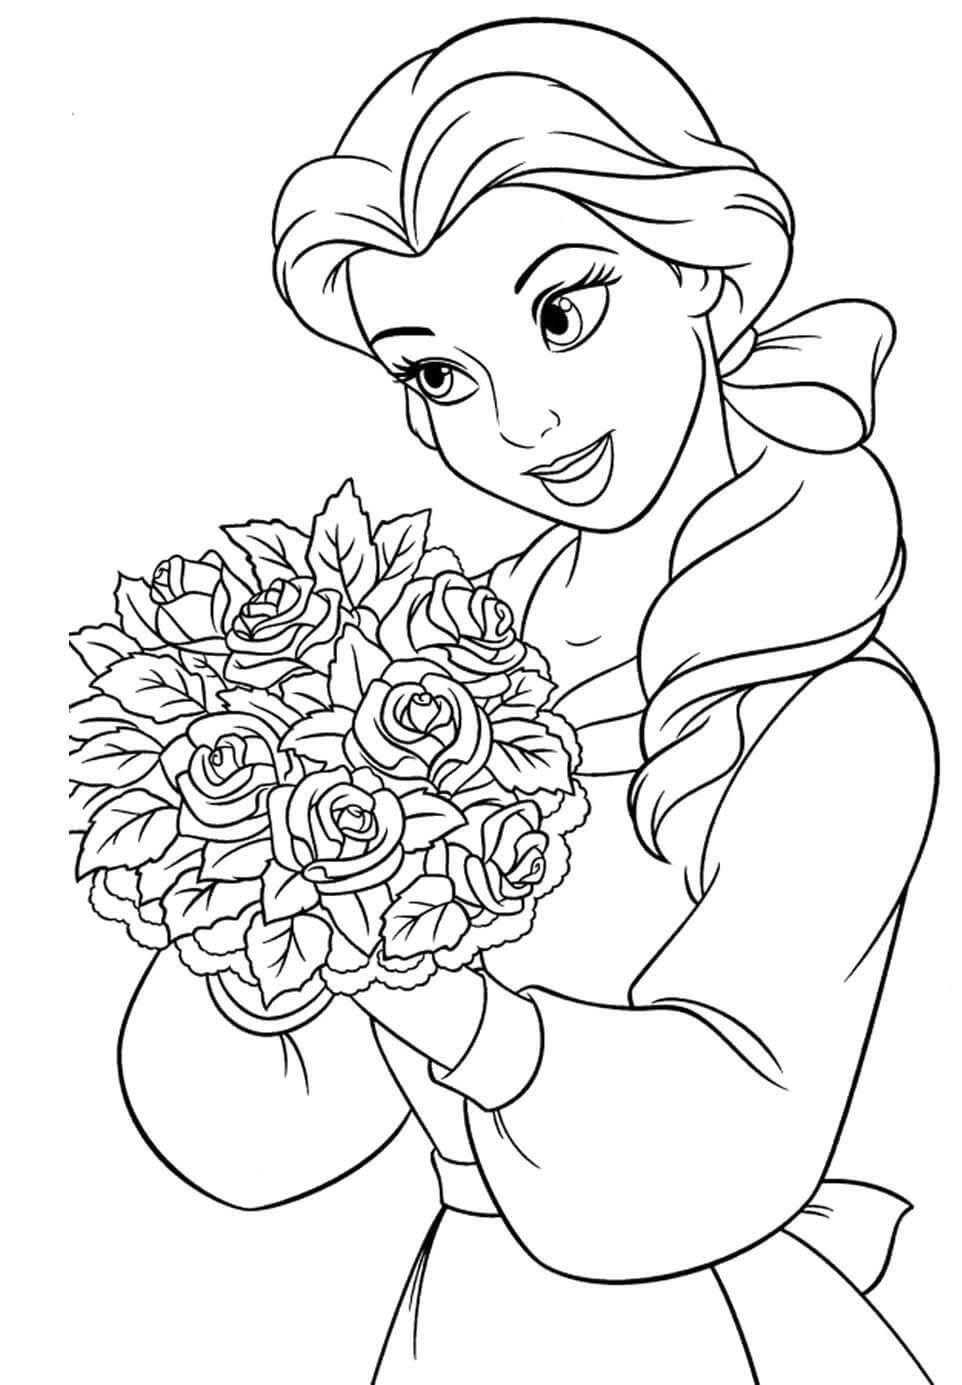 Belles Rose Bouquet Coloring Page Belle Coloring Pages Disney Princess Coloring Pages Barbie Coloring Pages